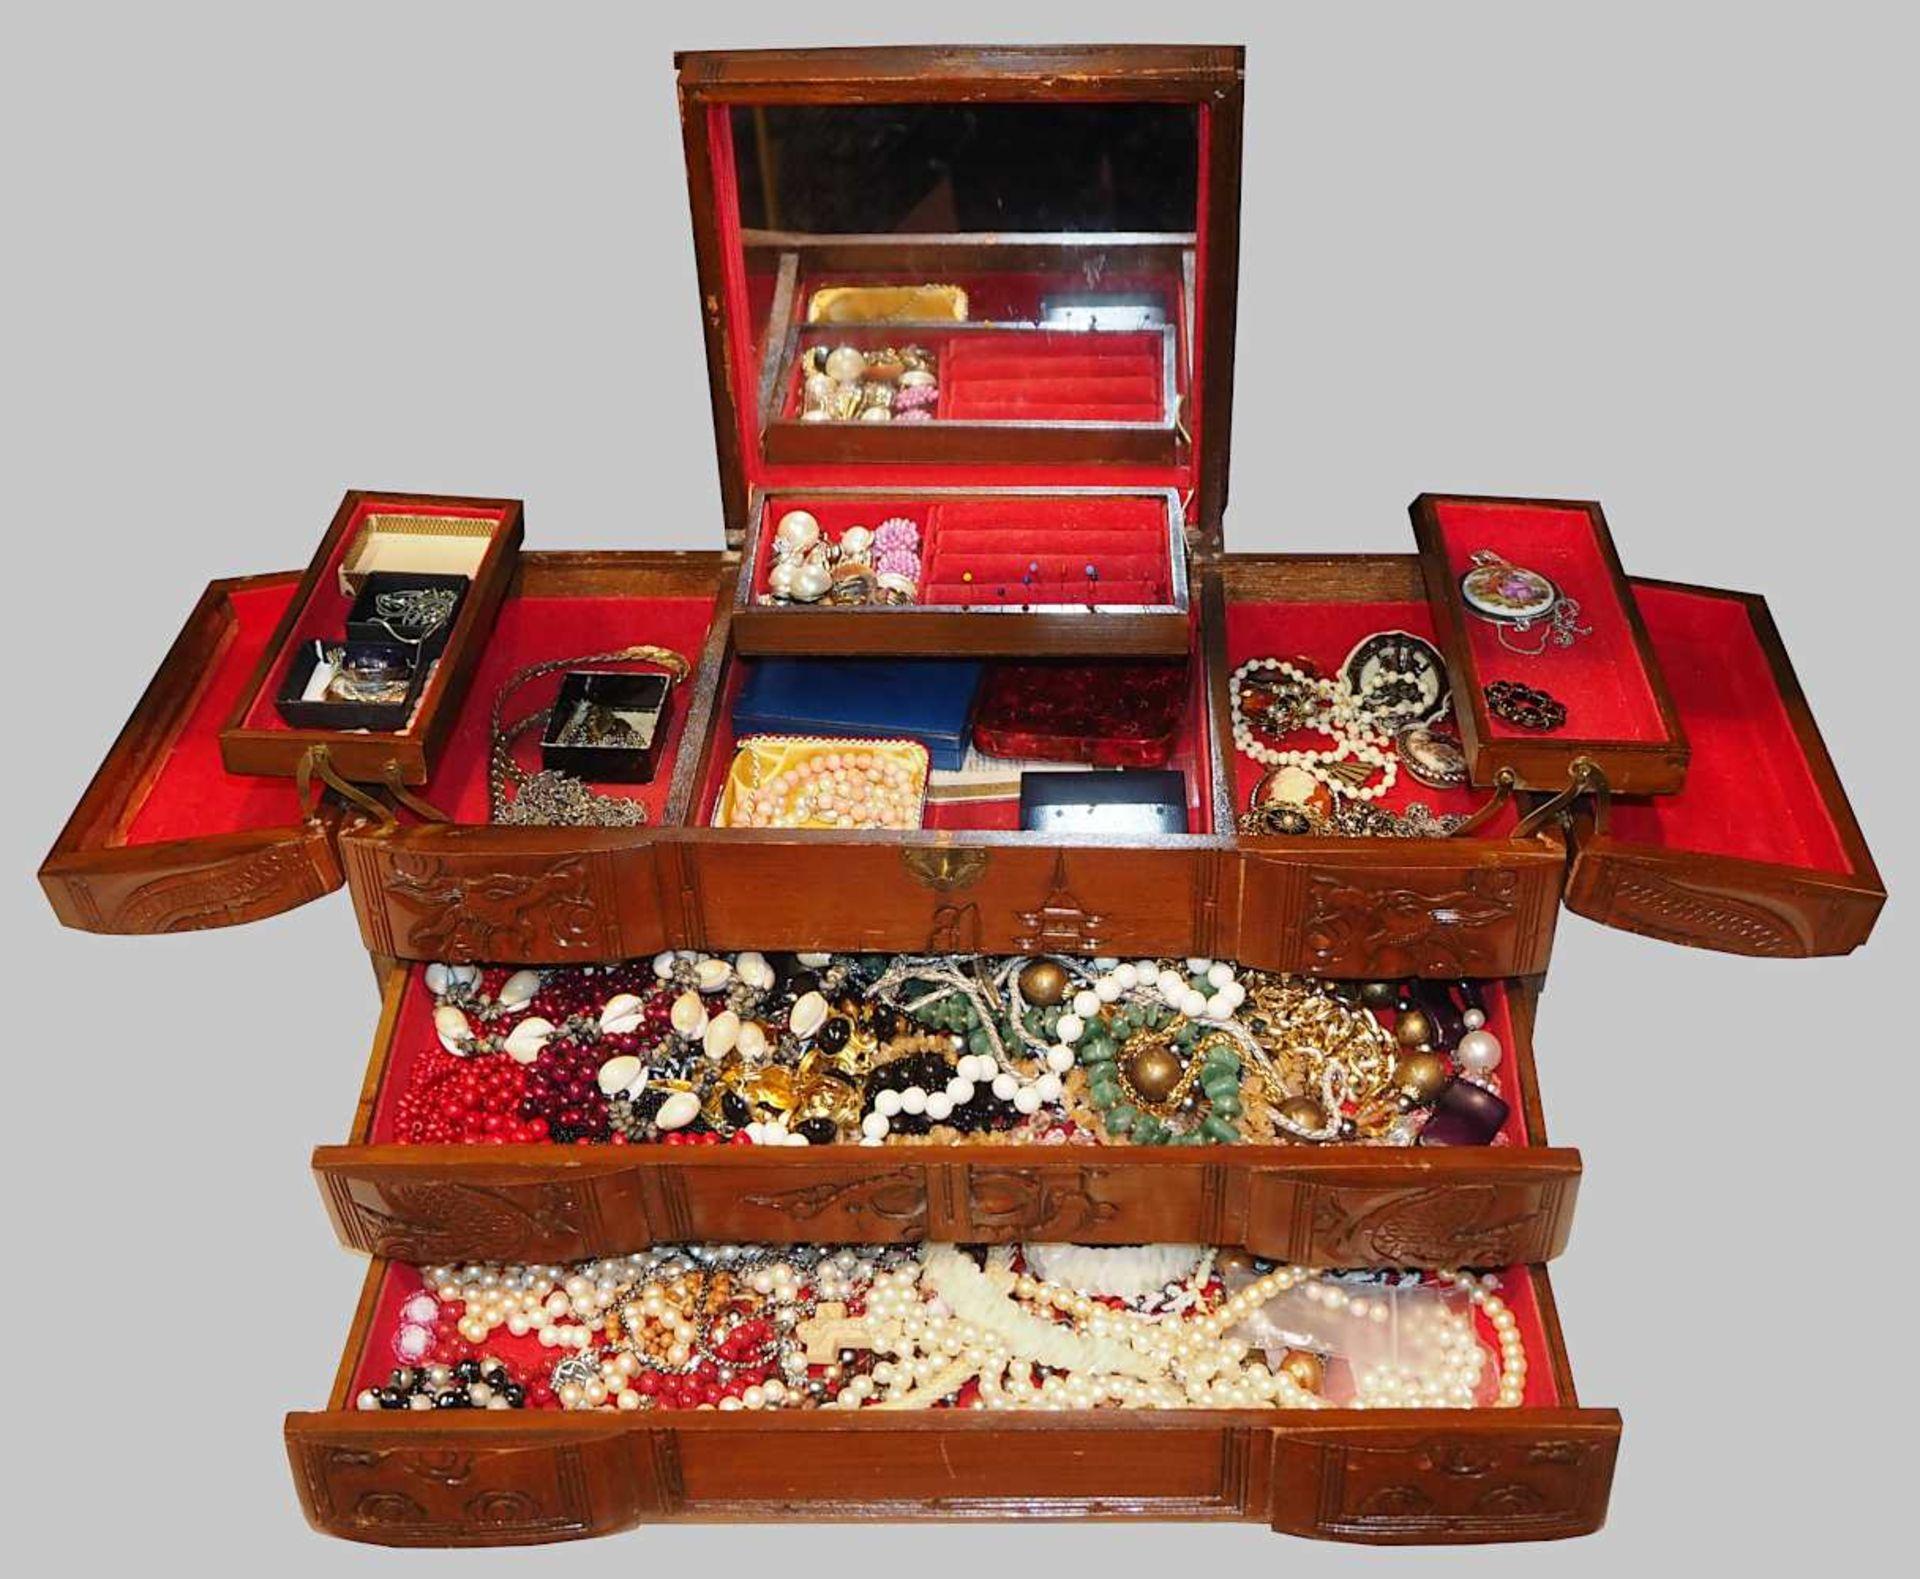 1 Konv. Schmuck Silber/Mode u.a. Edelsteine, Koralle u.a., in der Holzschatulle - Bild 2 aus 2